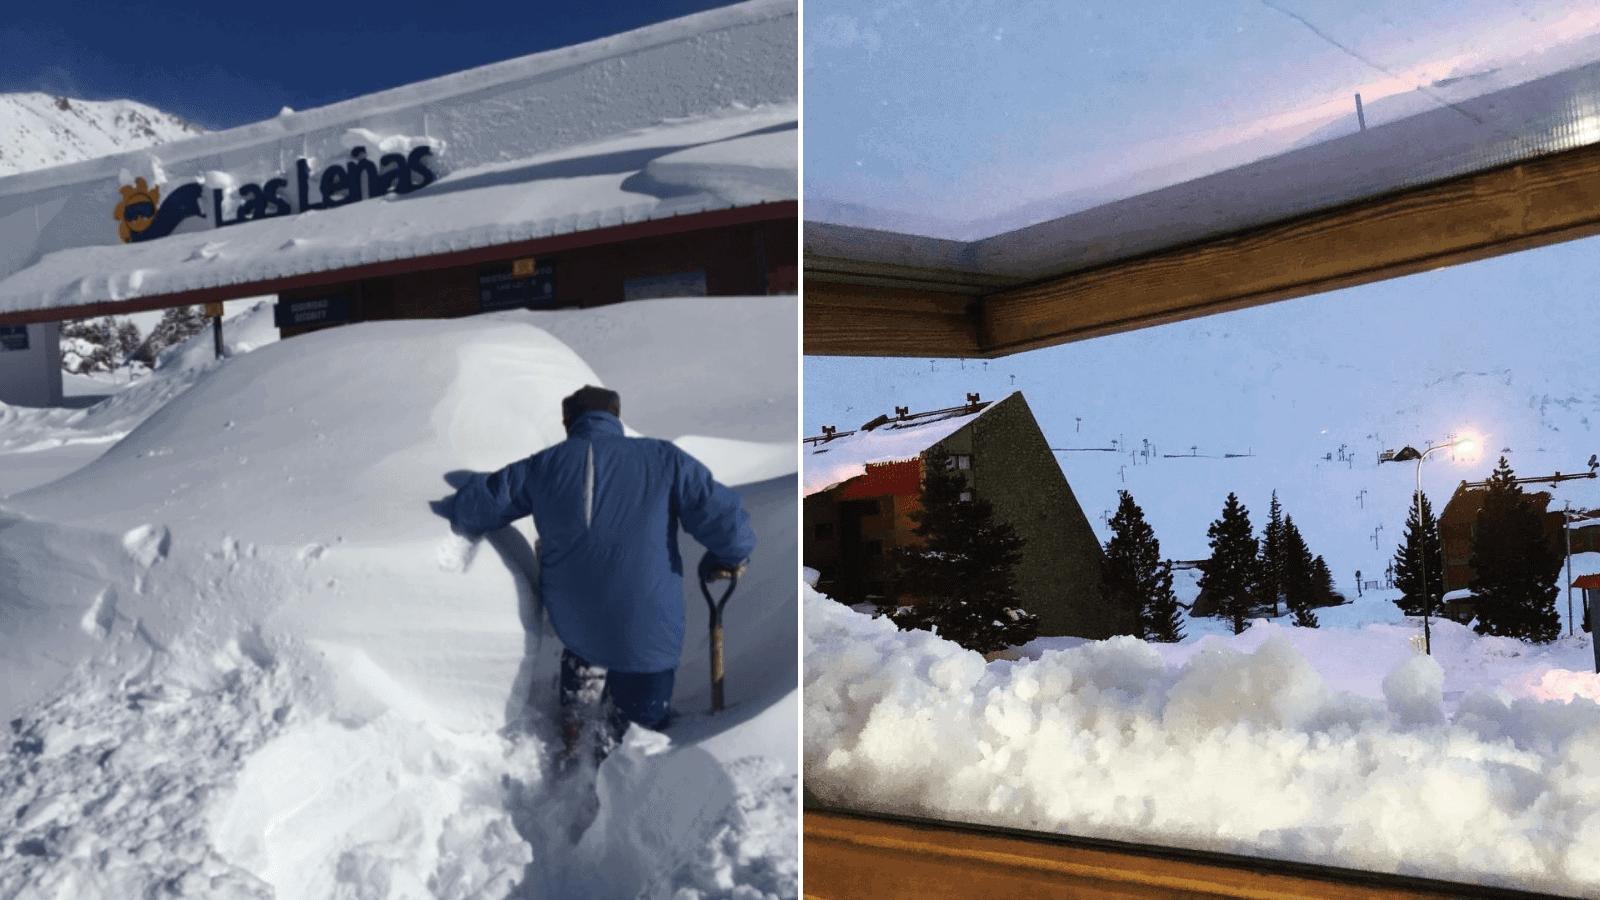 Una histórica ola polar dejó al centro de esquí Las Leñas completamente cubierto de nieve 1